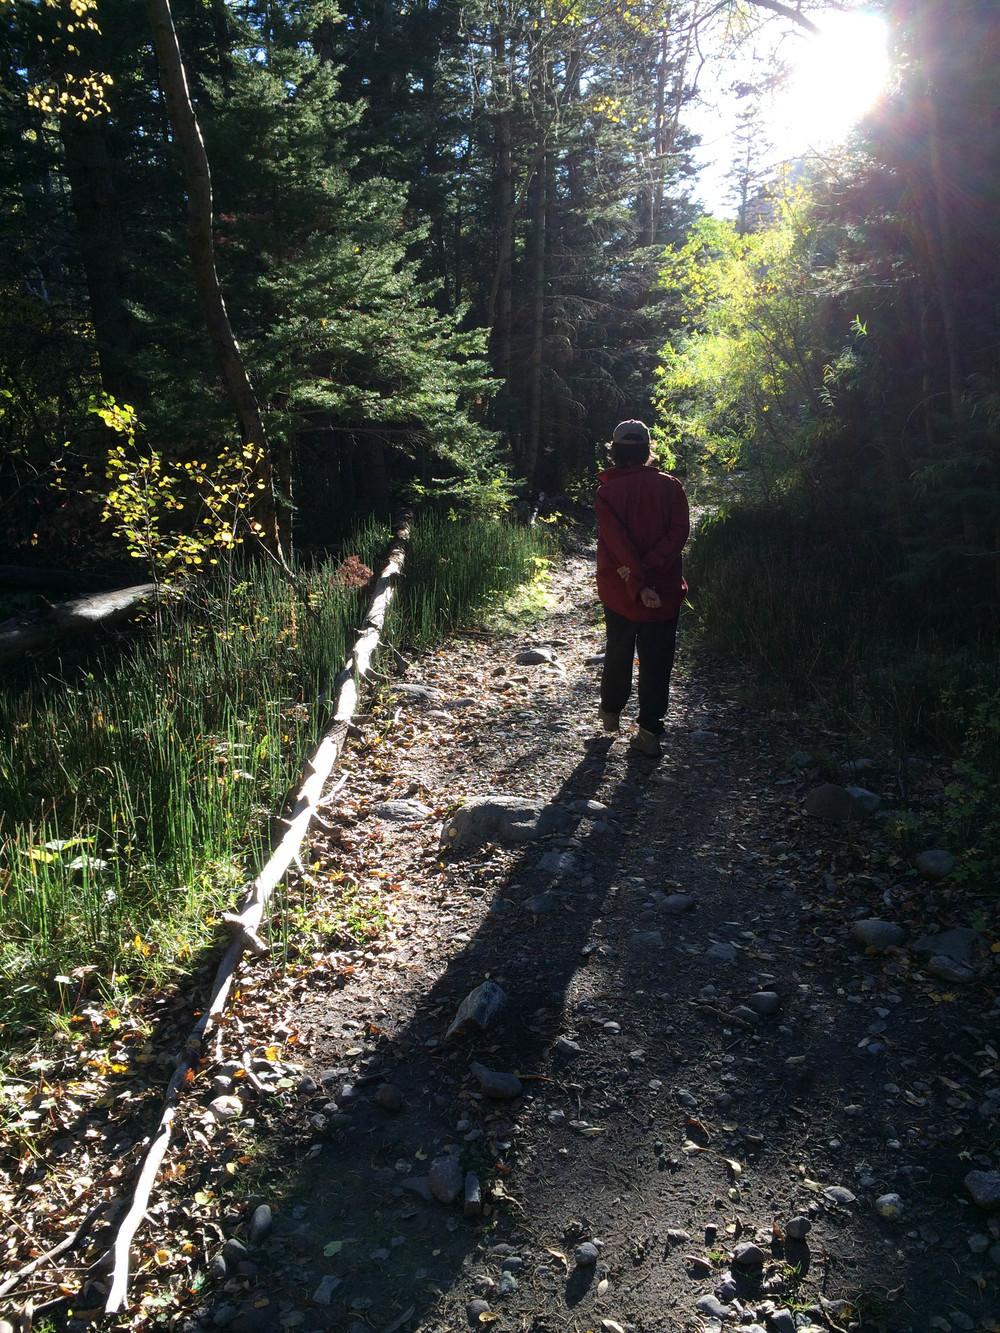 10-2-14 n.crestone trail 1-17-12.jpg